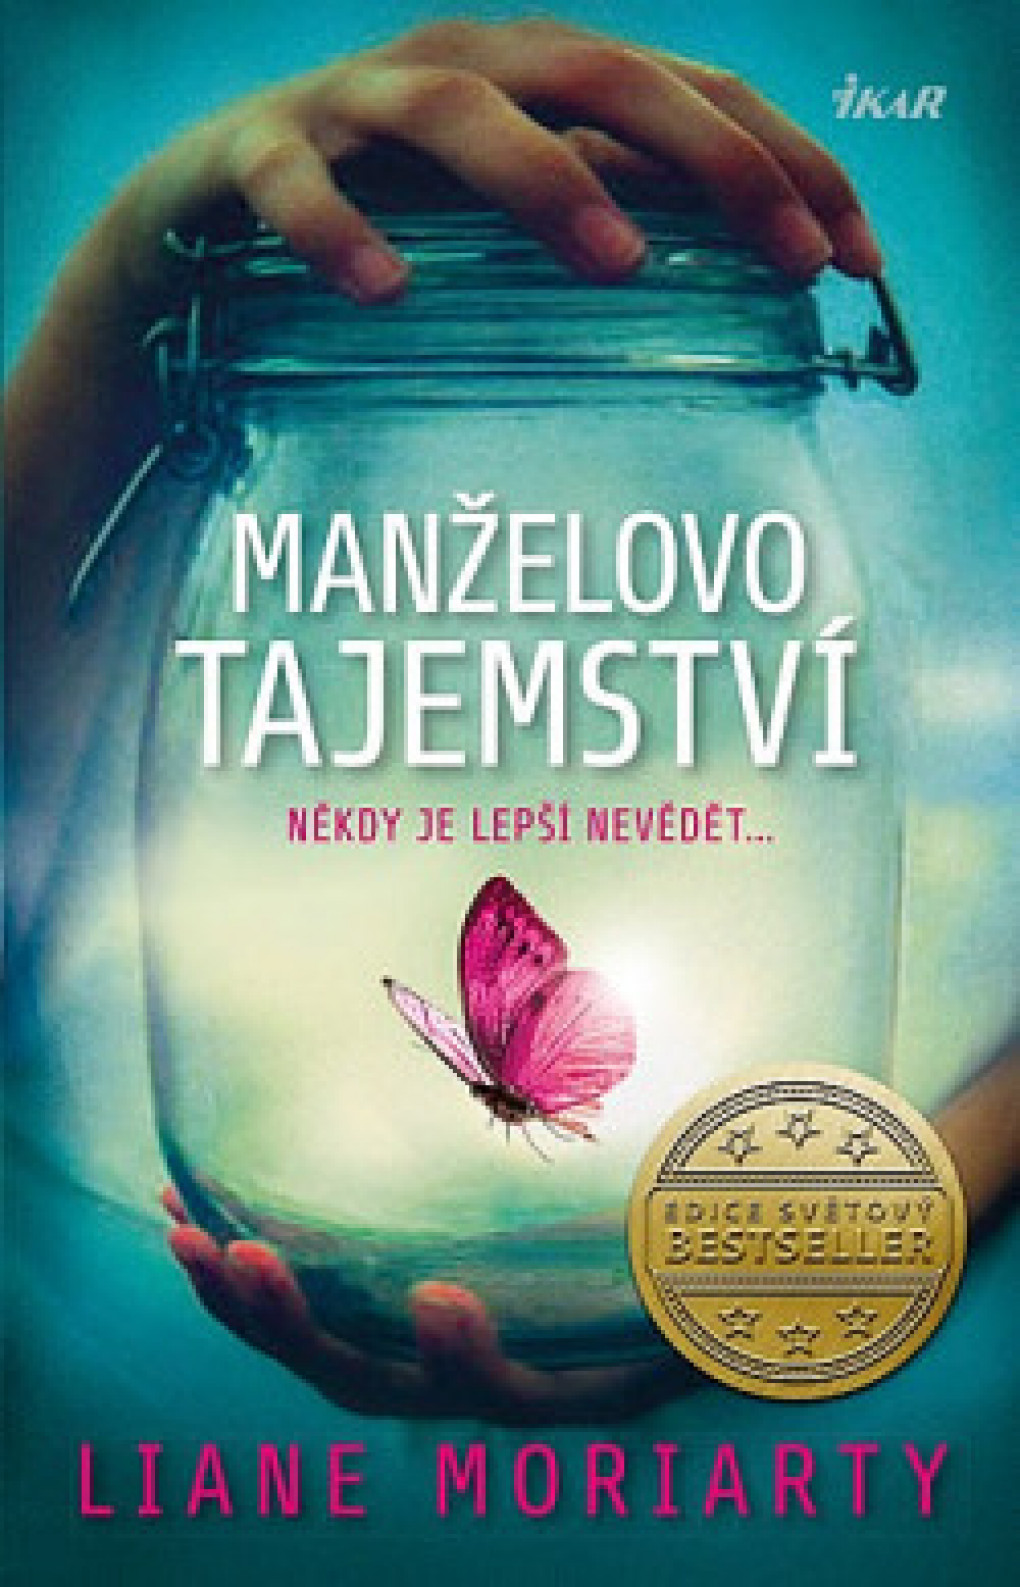 manzelovo-tajemstvi-uul-207632.jpg